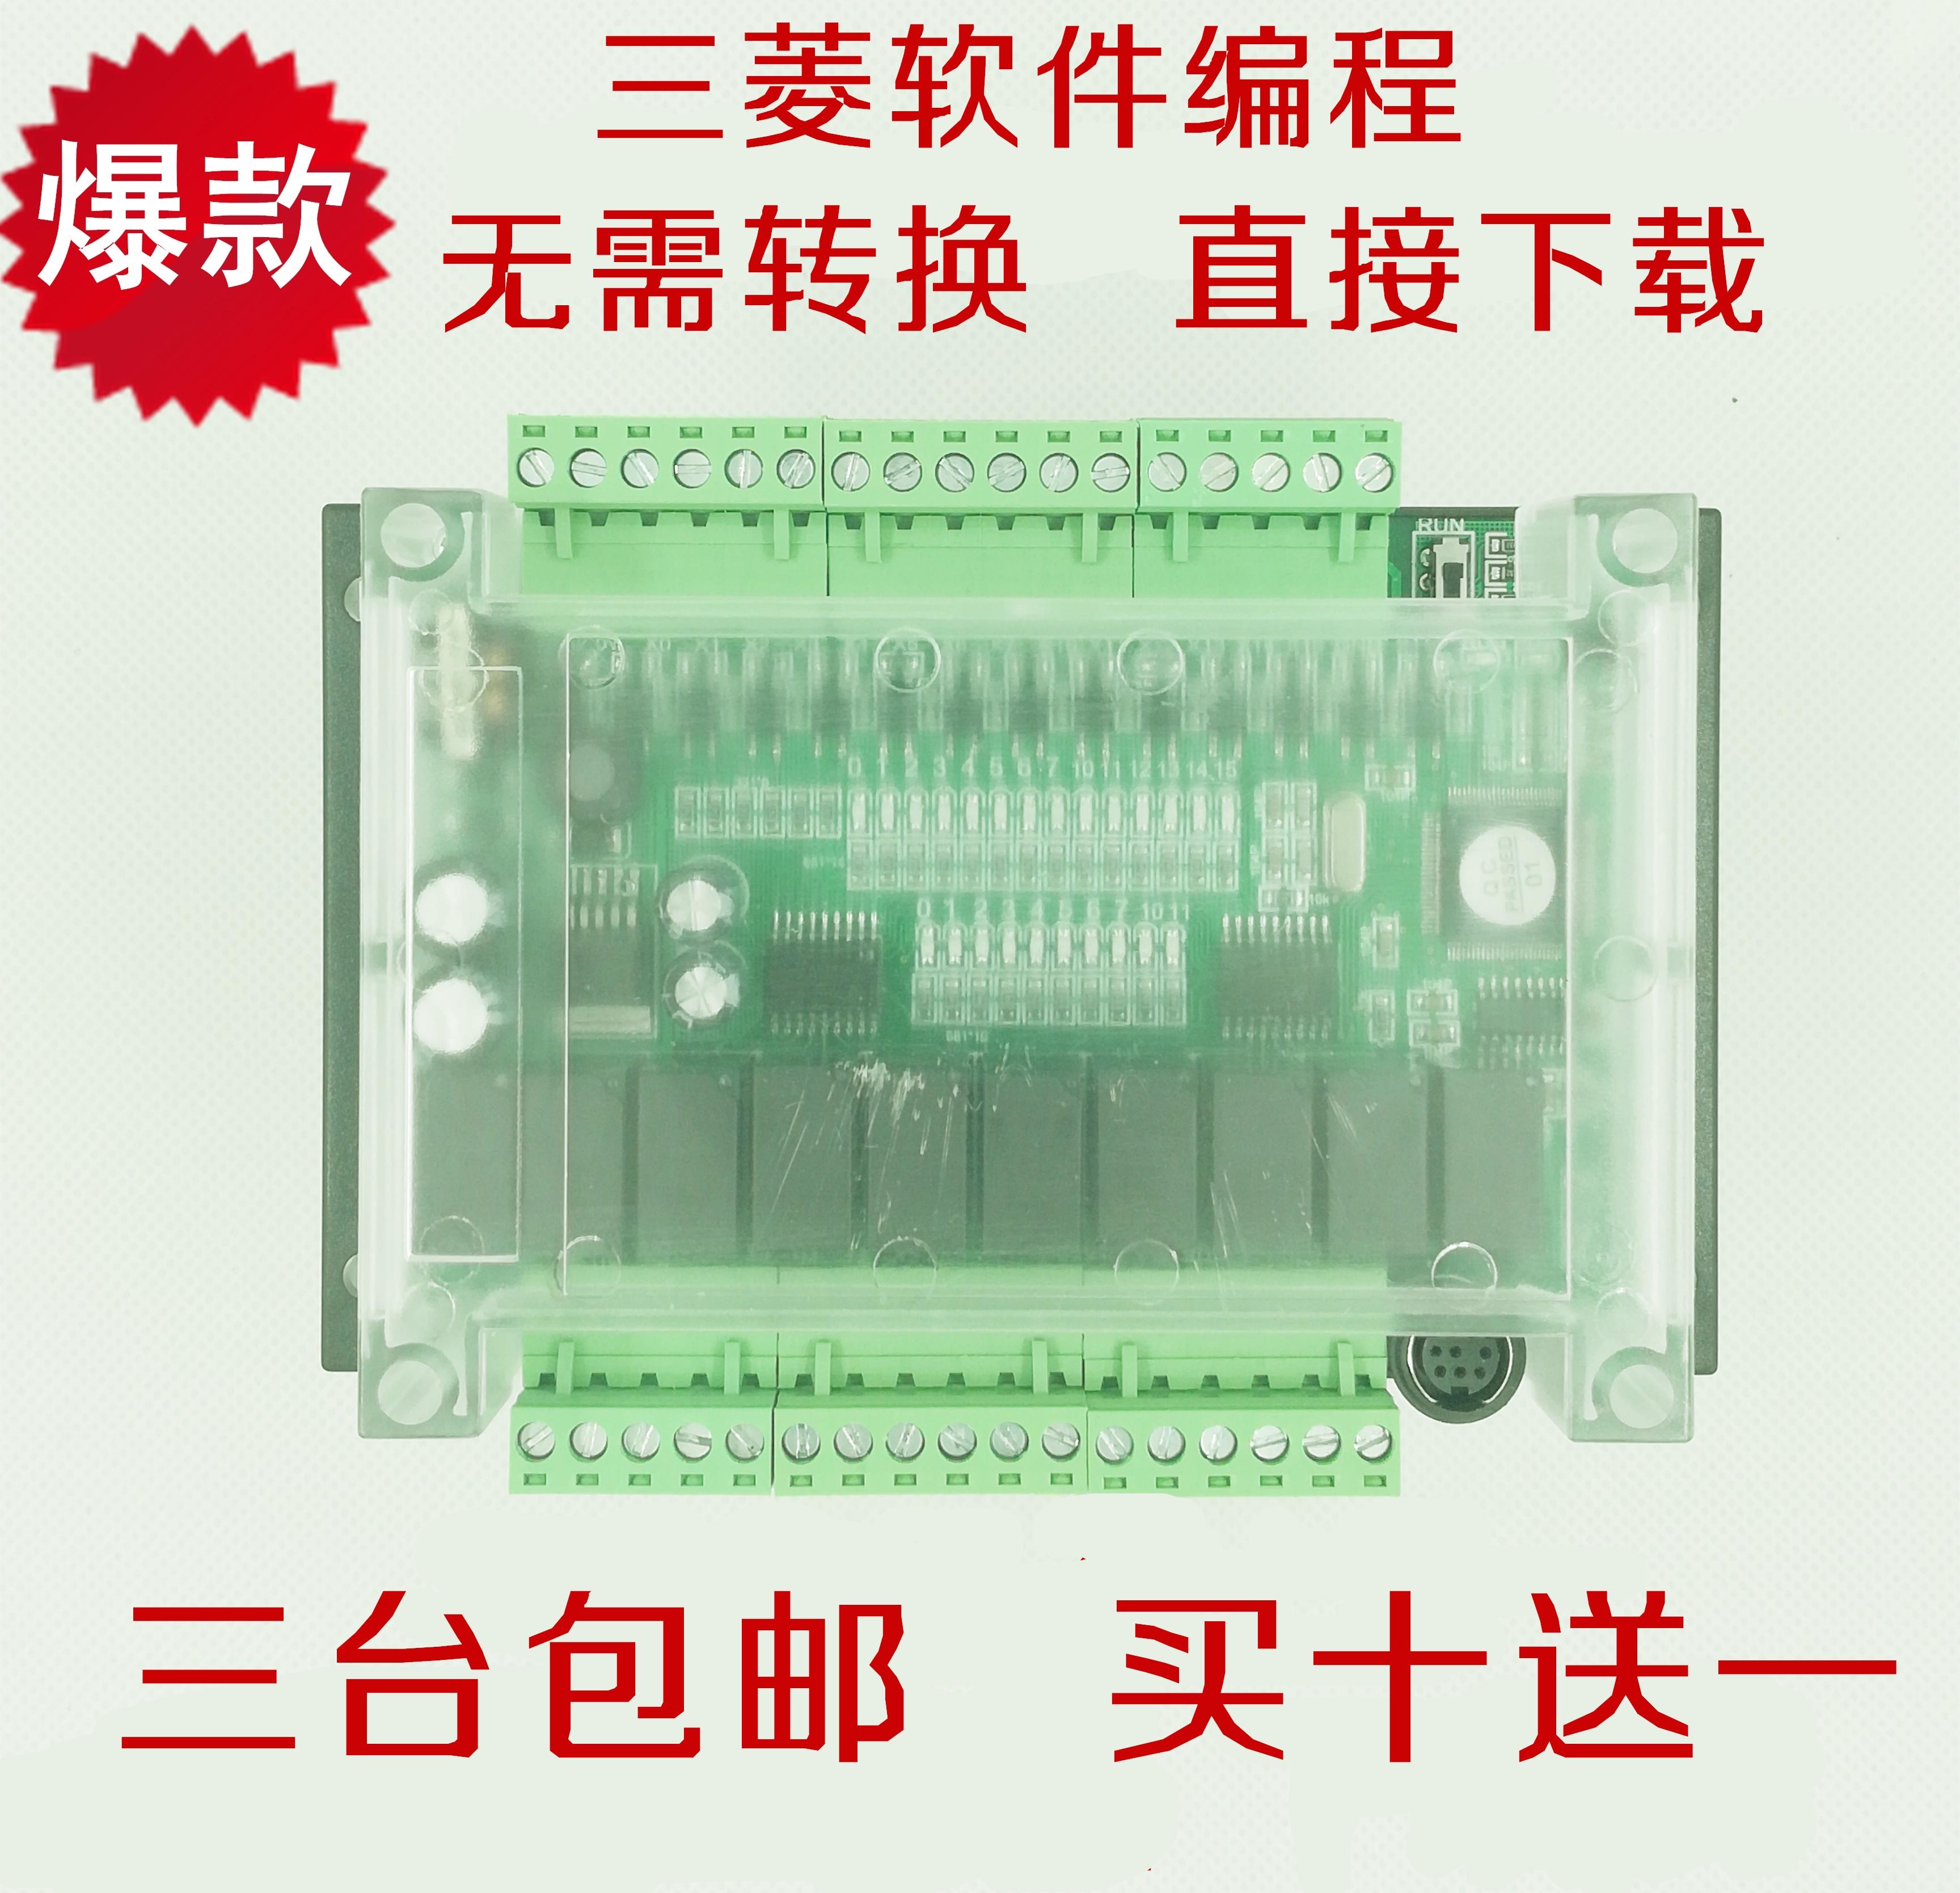 三菱PLC国产工控板FX1N24MRMT控制器在线下载断电保持脉冲步进